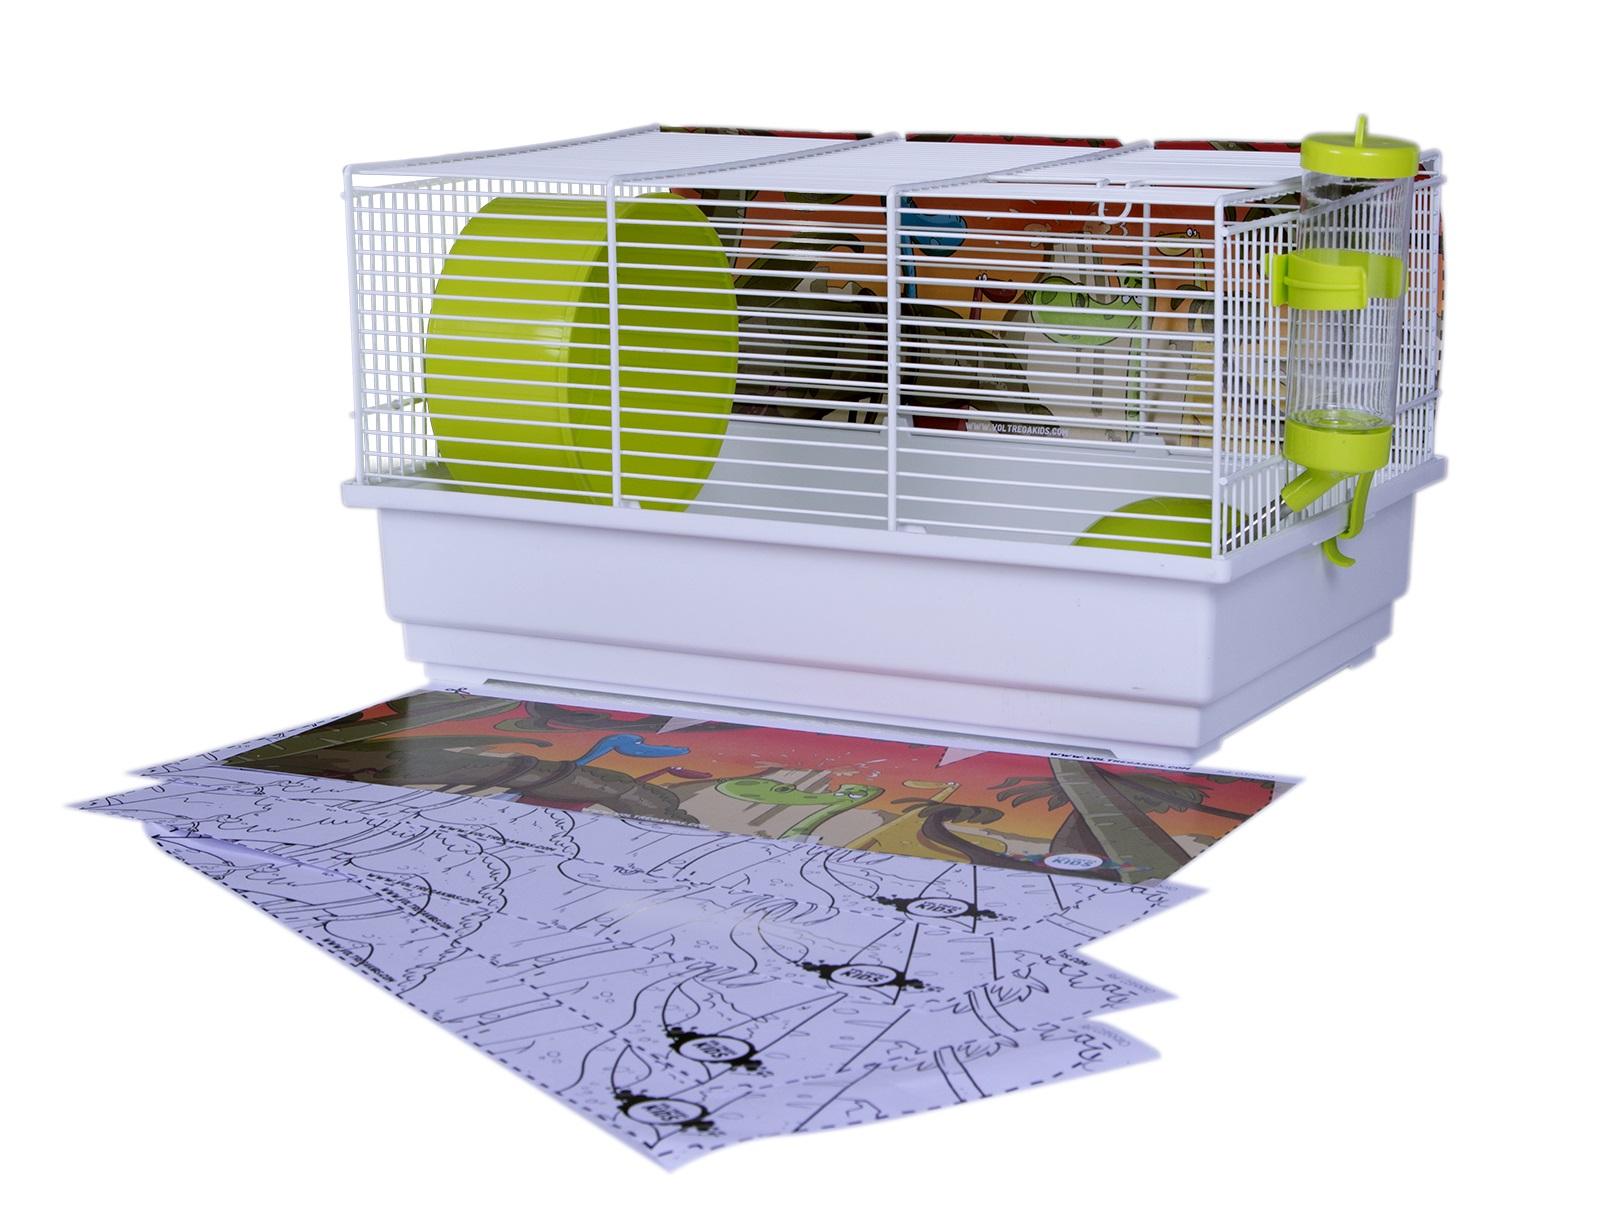 Клетка для крыс, морских свинок, мышей, хомяков Voltrega 25.5х22х39см